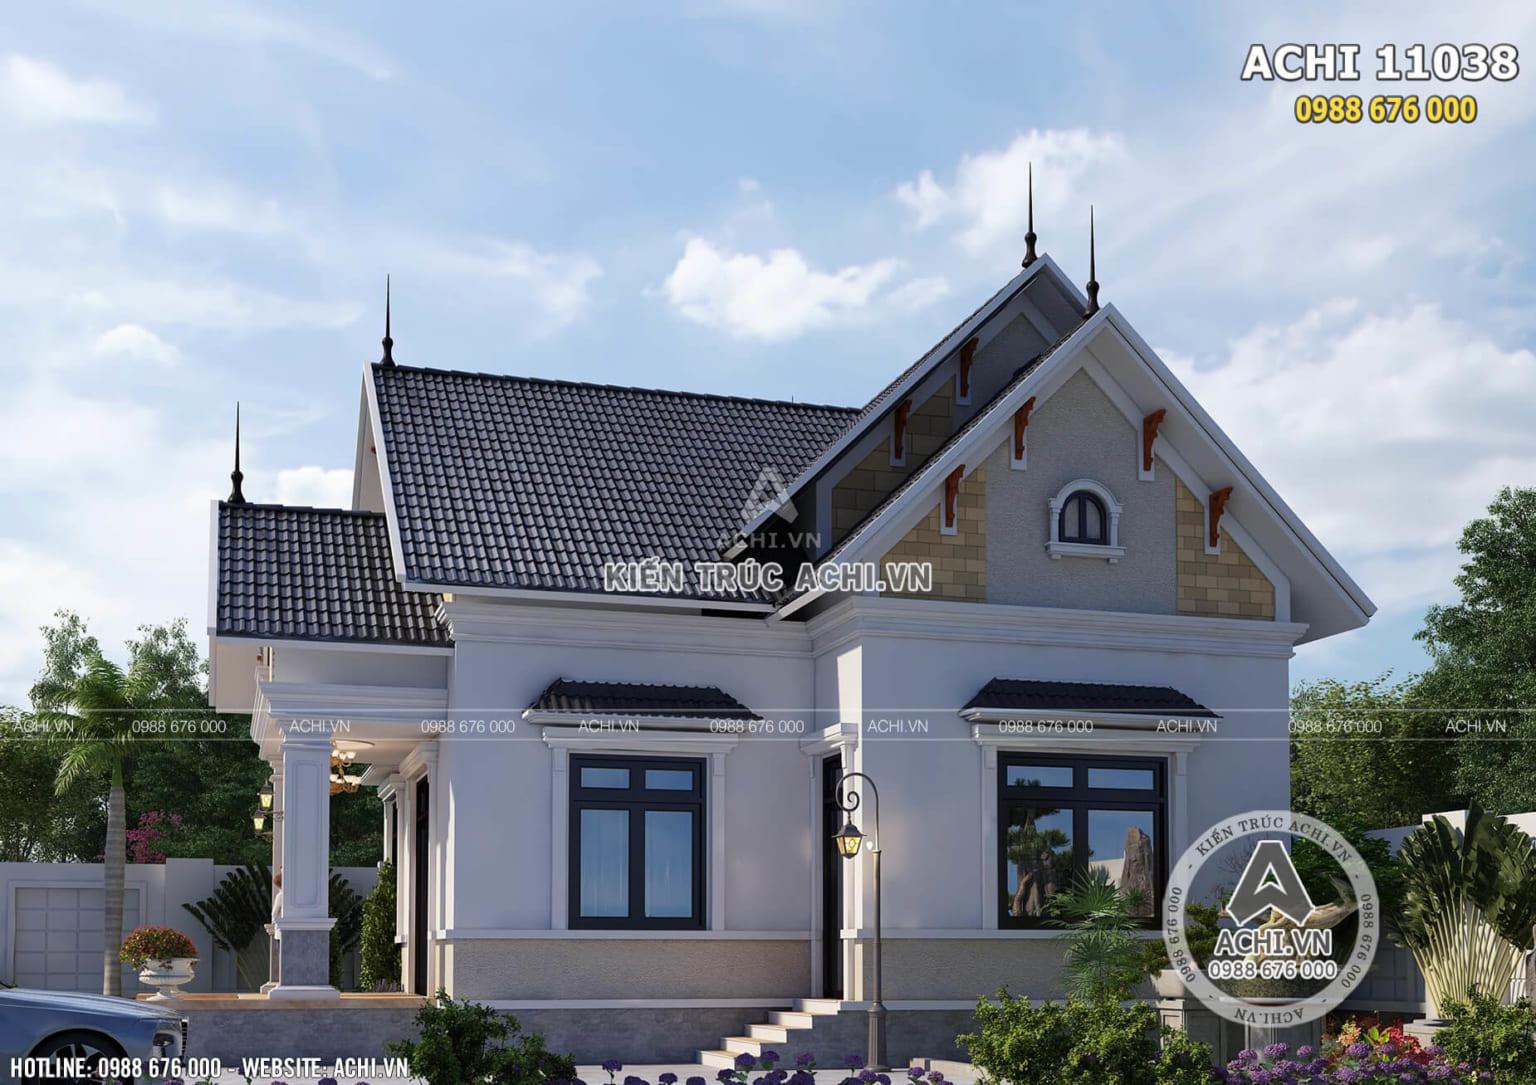 Hình ảnh: Mẫu nhà cấp 4 đẹp tại Cao Bằng – ACHI 11038